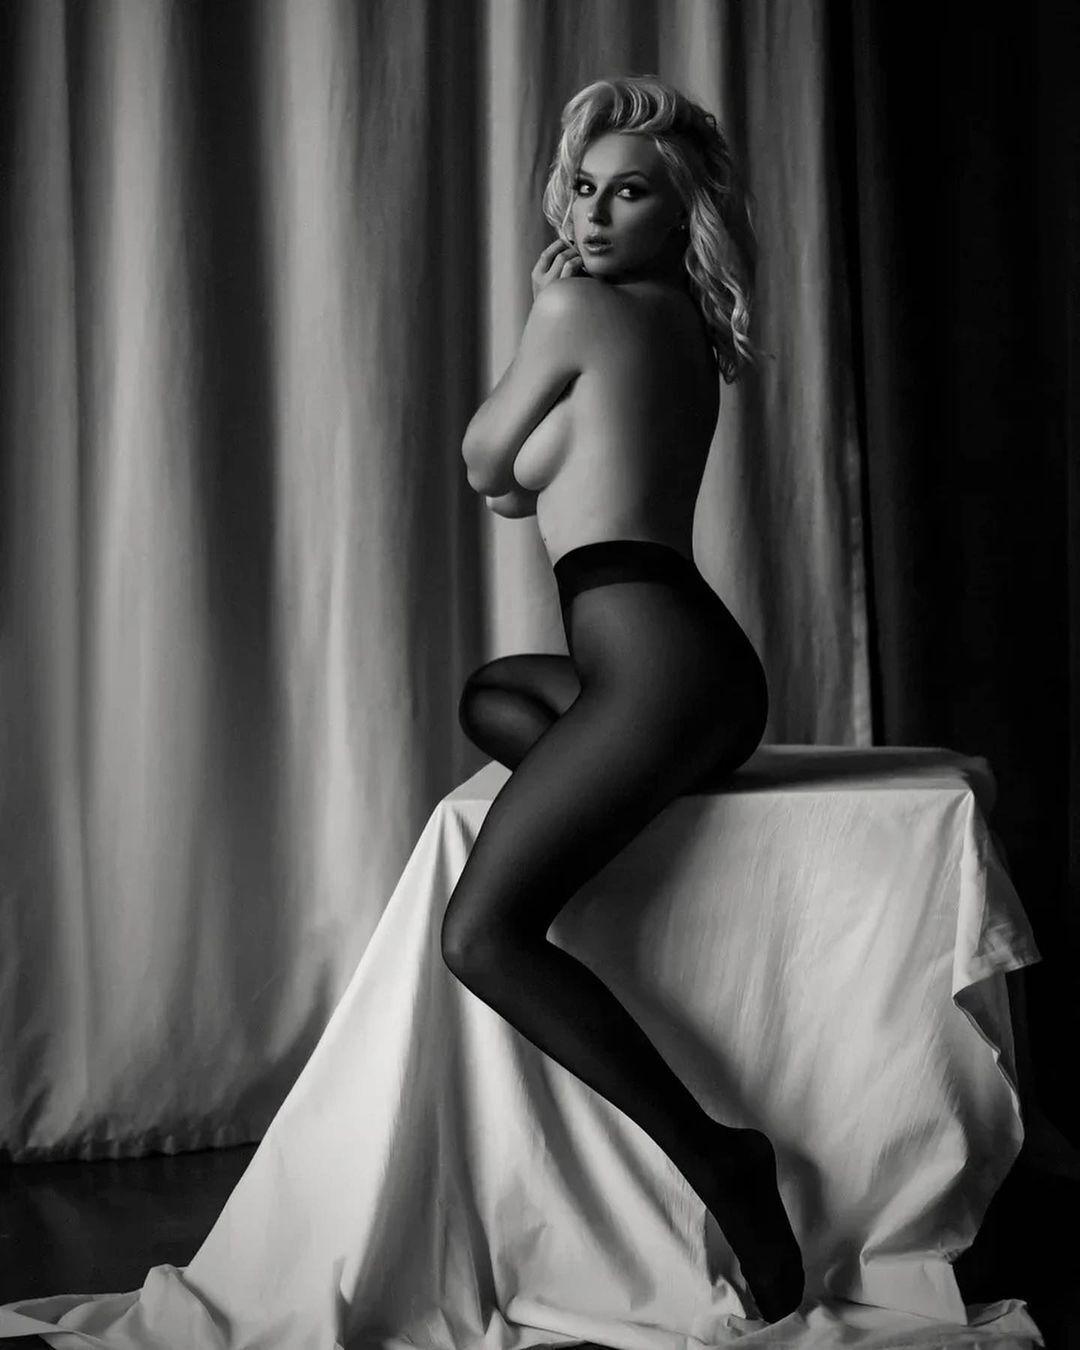 Ульяна Тригубчак снялась в ч/б обнаженной фотосессии